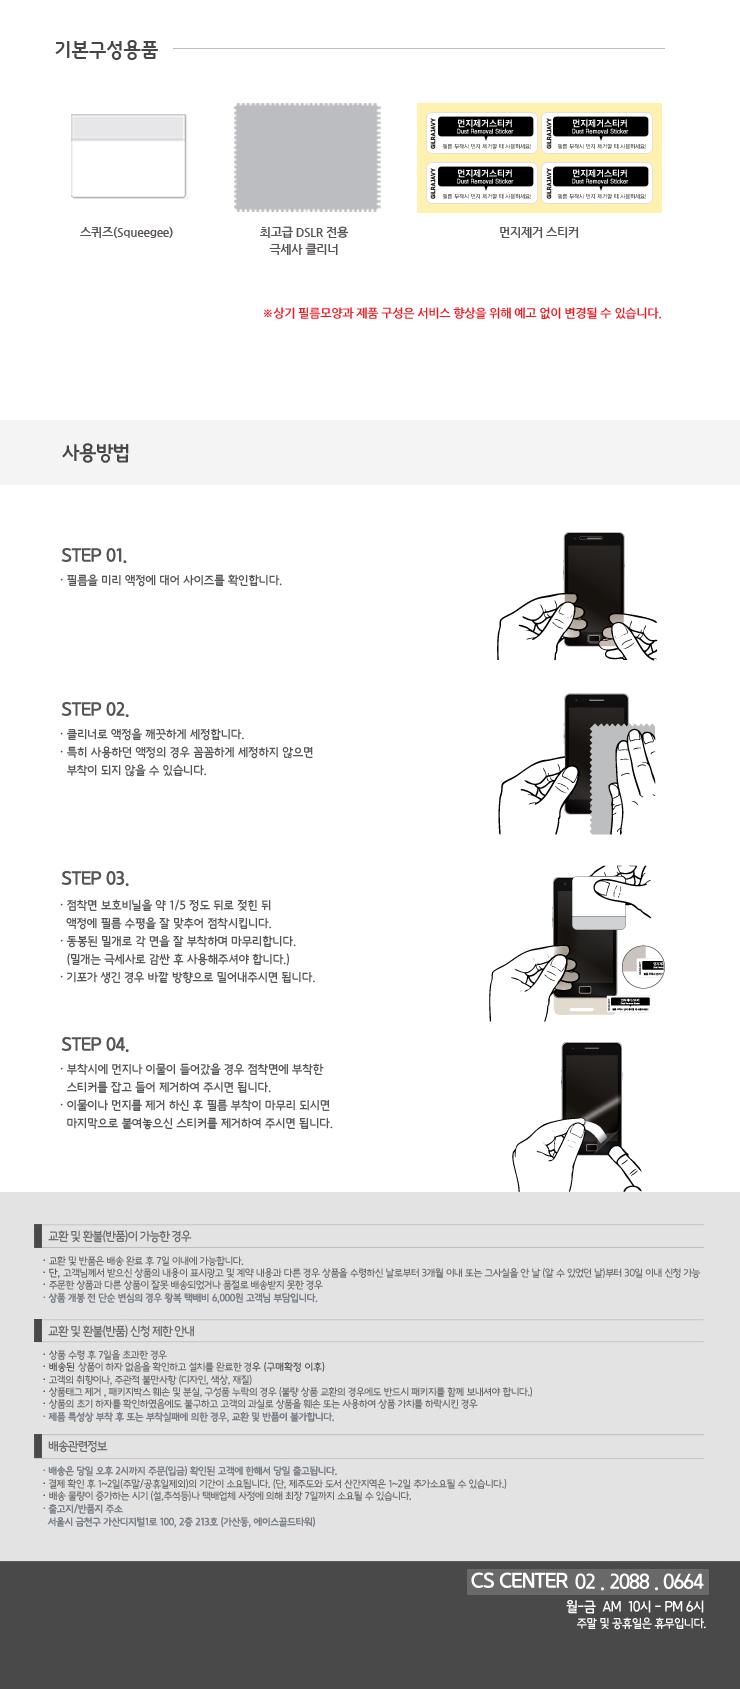 키즈폰 카카오리틀프렌즈3 리포비아H 고경도 액정보호필름 2매 - 길라잡이, 11,500원, 필름/스킨, 기타 스마트폰